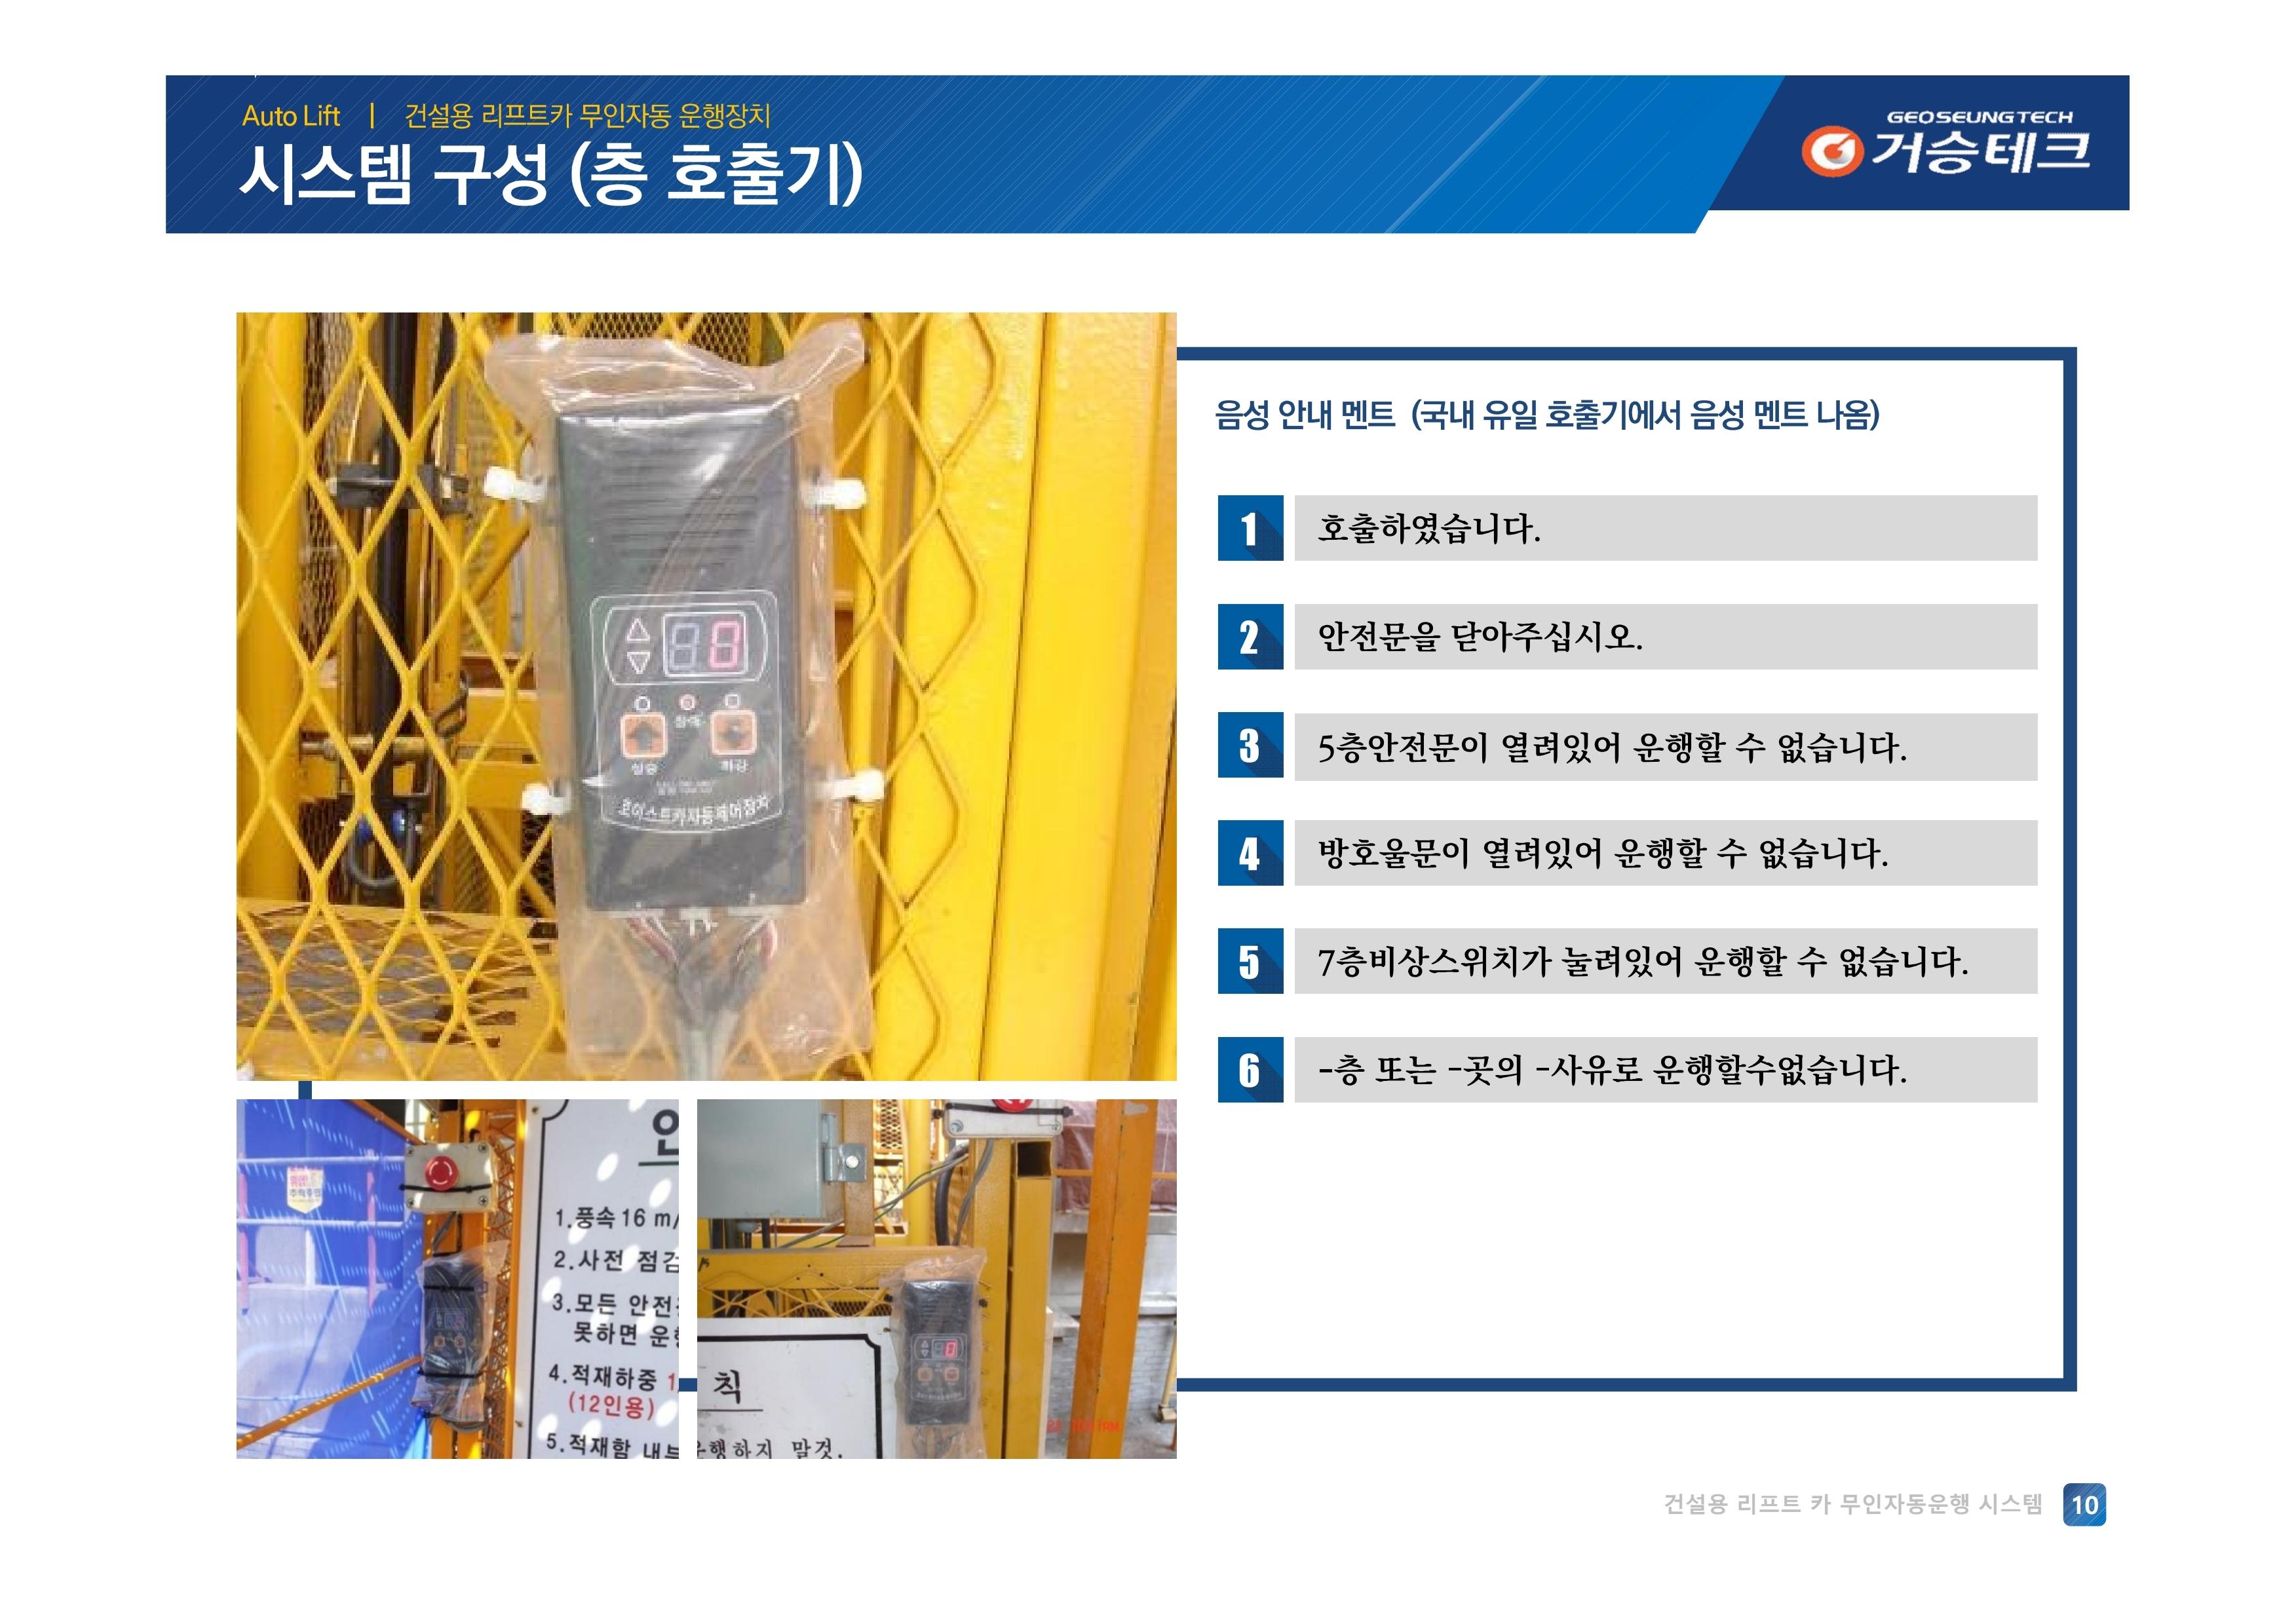 무인자동 (거승테크)-Rev01 (2020-07-22).pdf_page_10.jpg